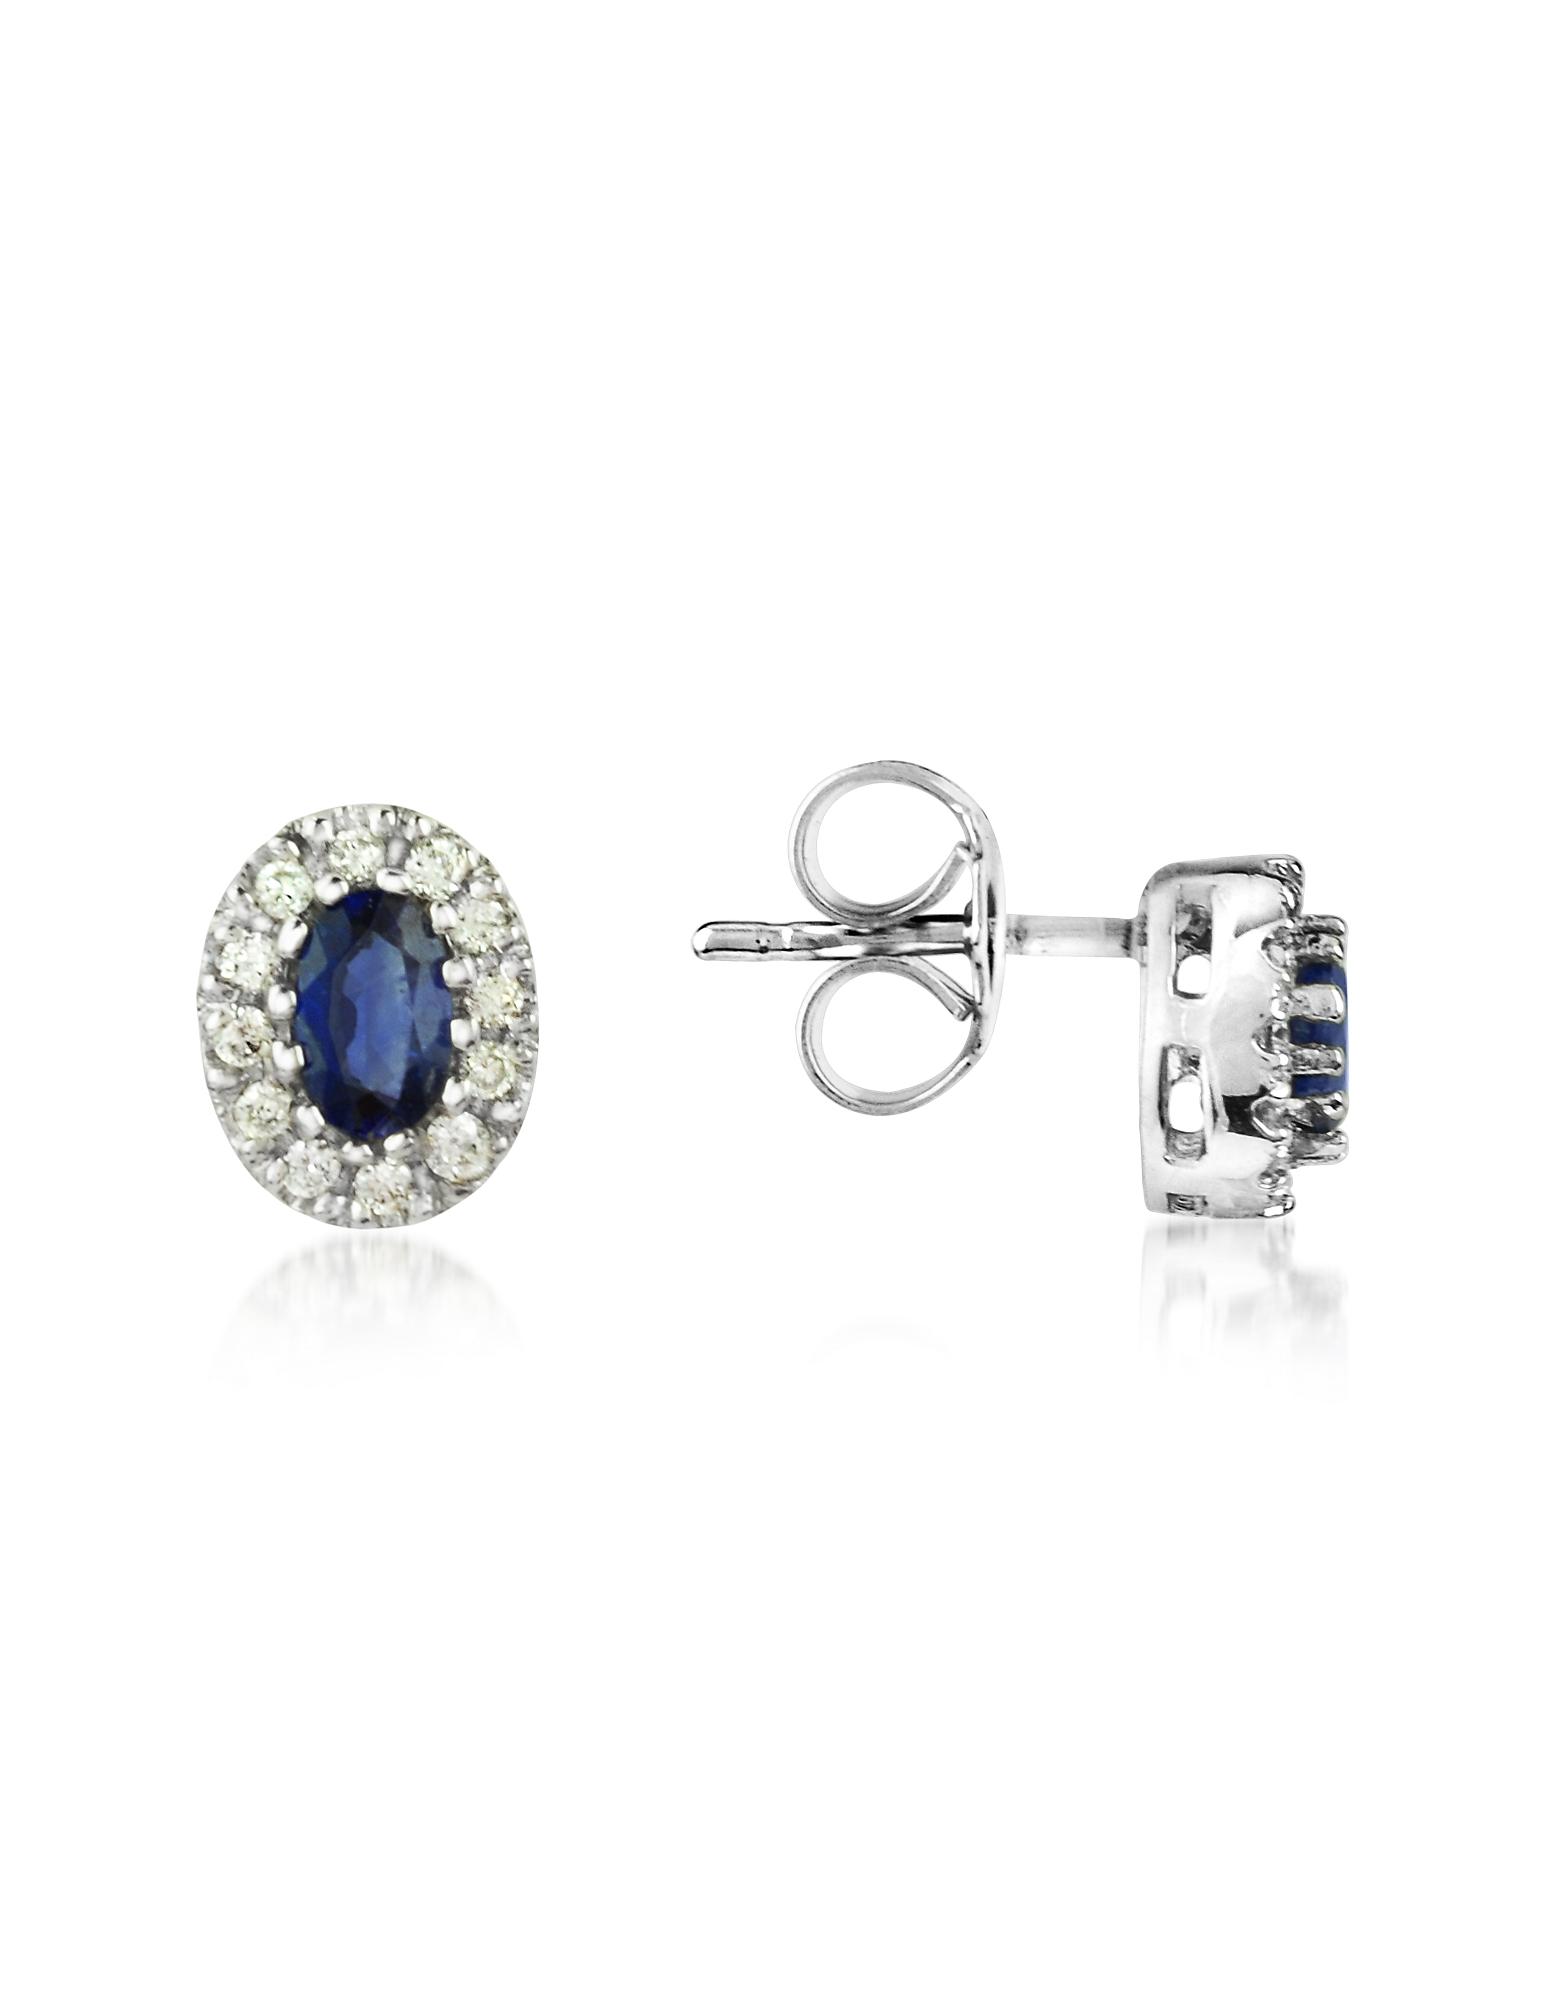 Incanto Royale Designer Earrings, Sapphires and Diamond 18K Gold Earrings